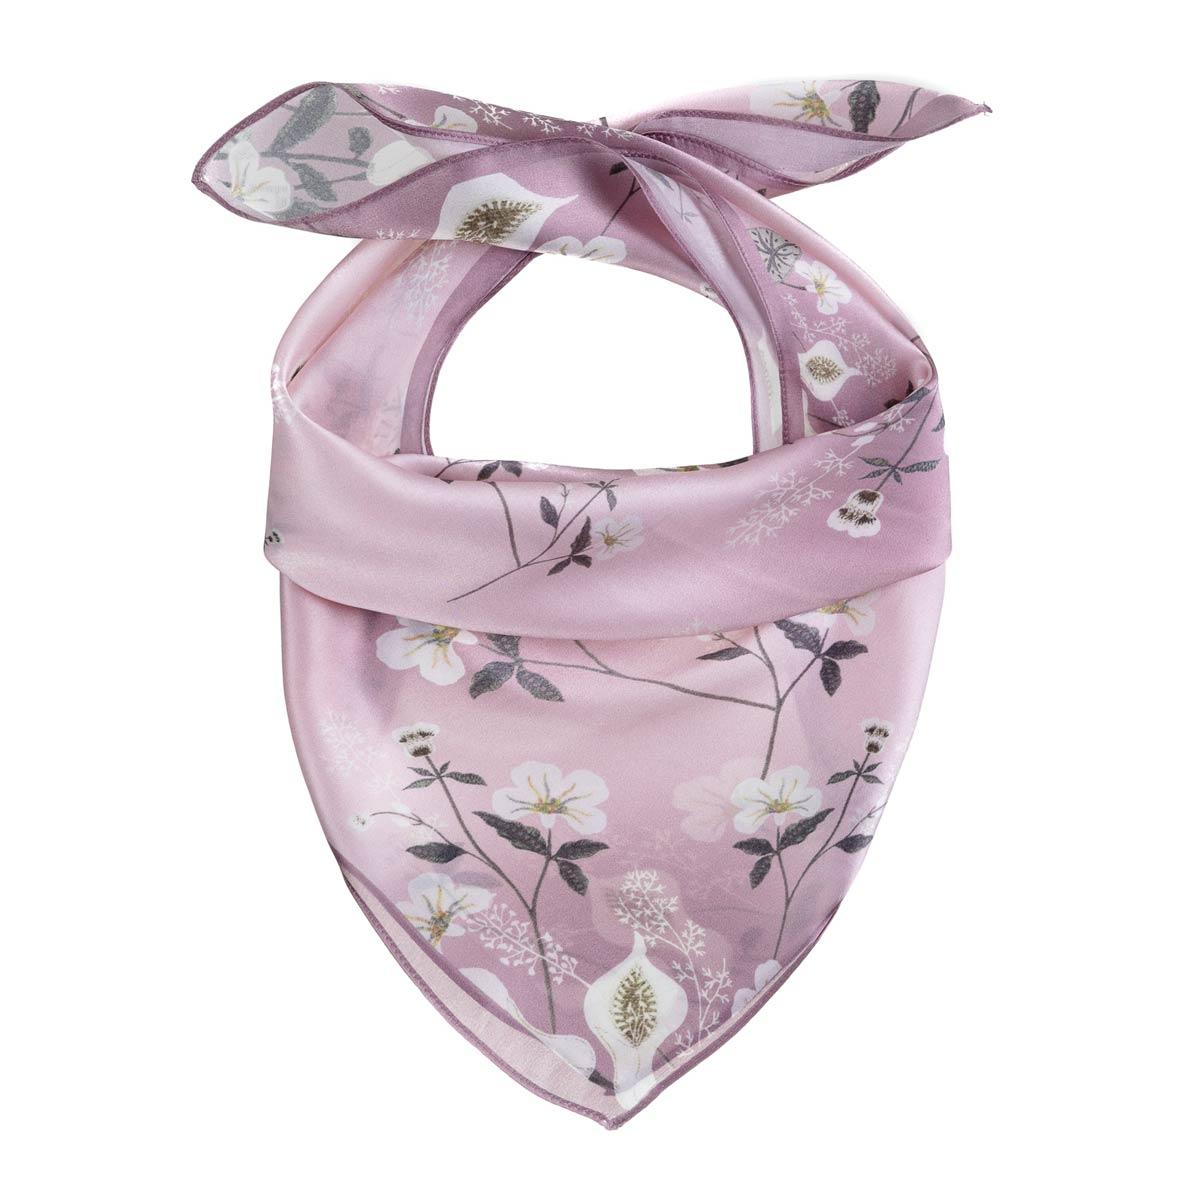 _Foulard-carre-de-soie-rose-fleurs-blanches